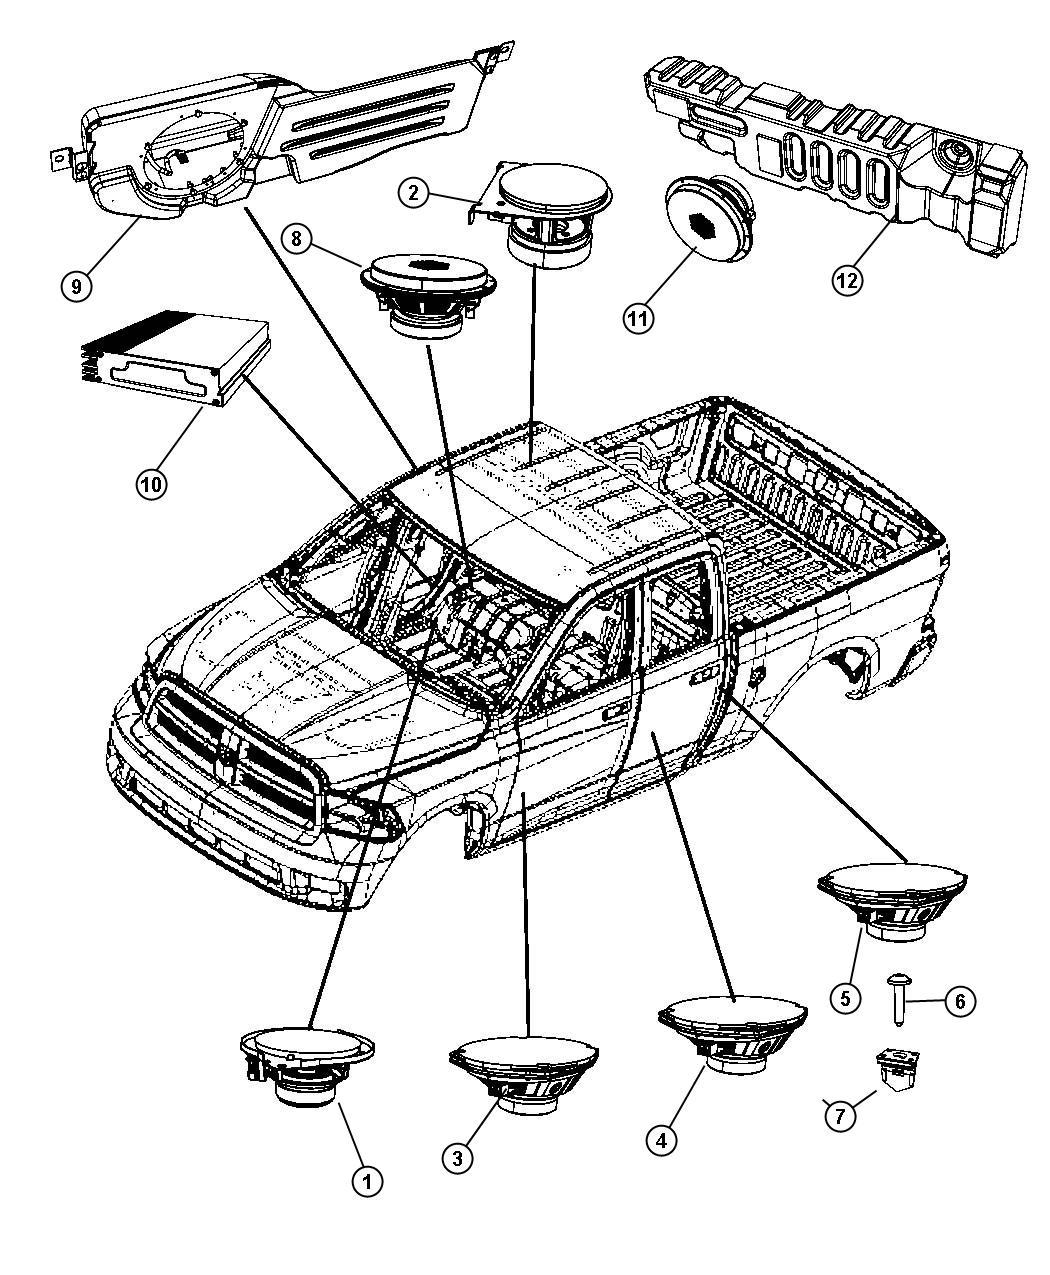 2011 Dodge Ram 3500 Clip. Speaker. B pillar, speaker to